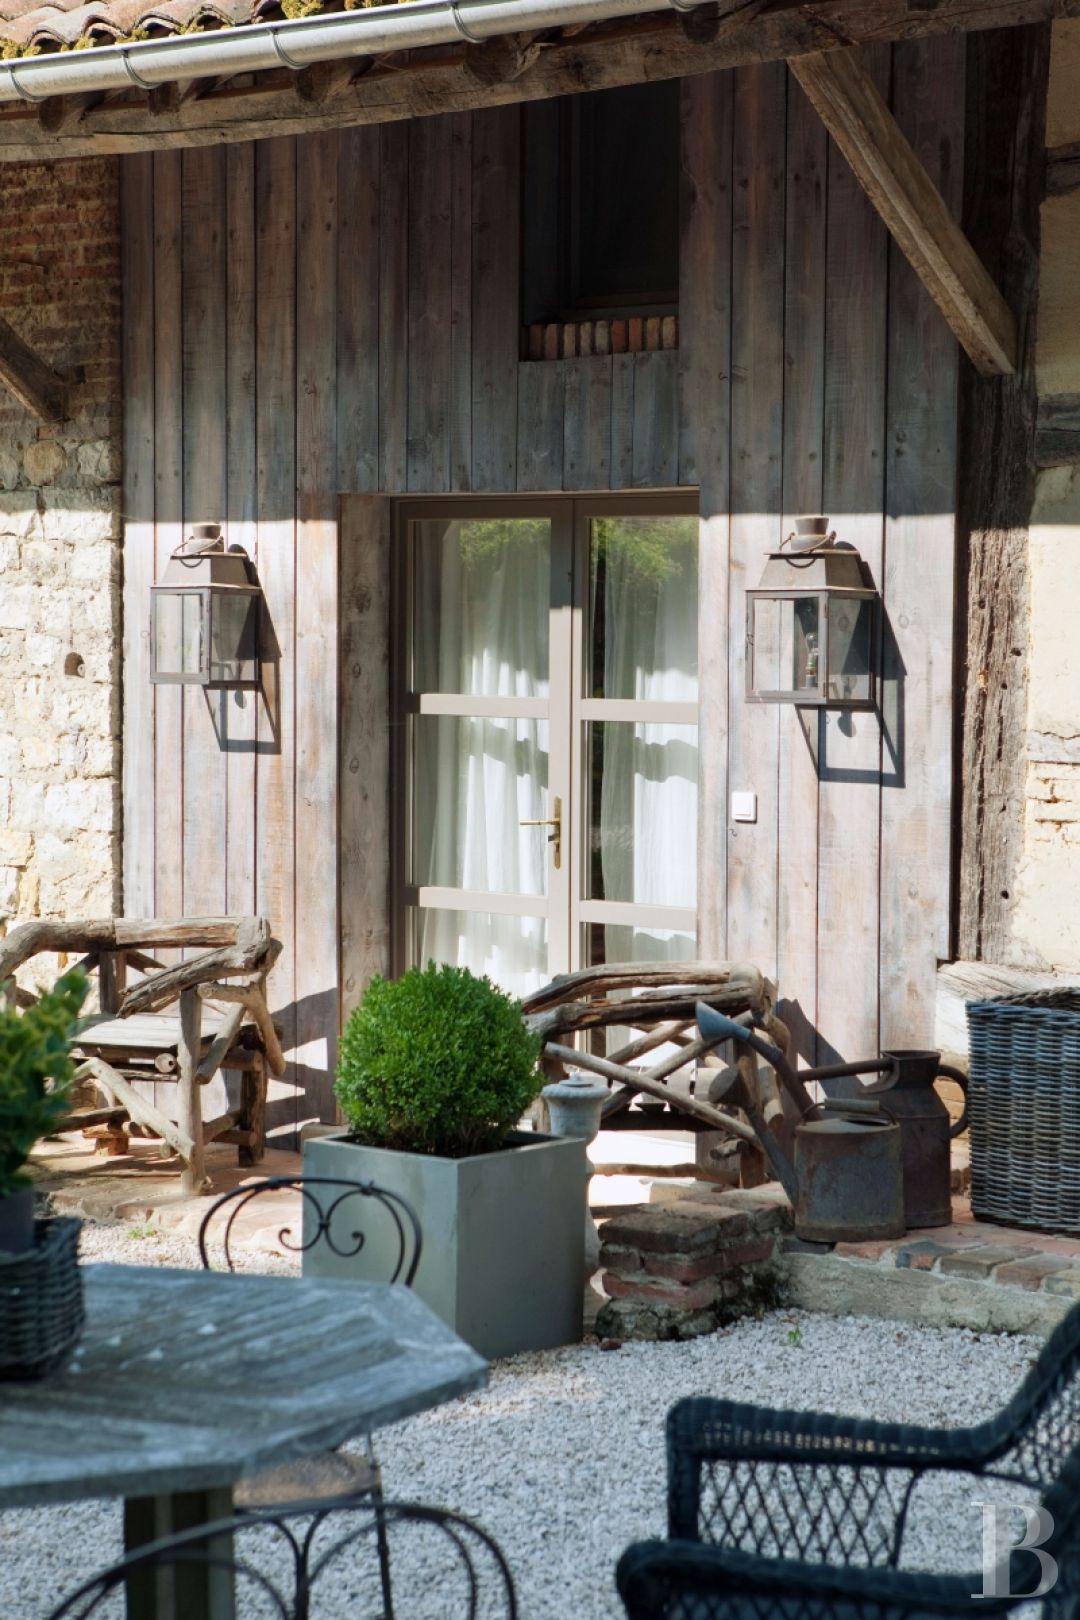 Patrice besse chambres d 39 h tes bourgogne en bourgogne du sud quidistance de dijon - Chambres d hotes en bourgogne ...